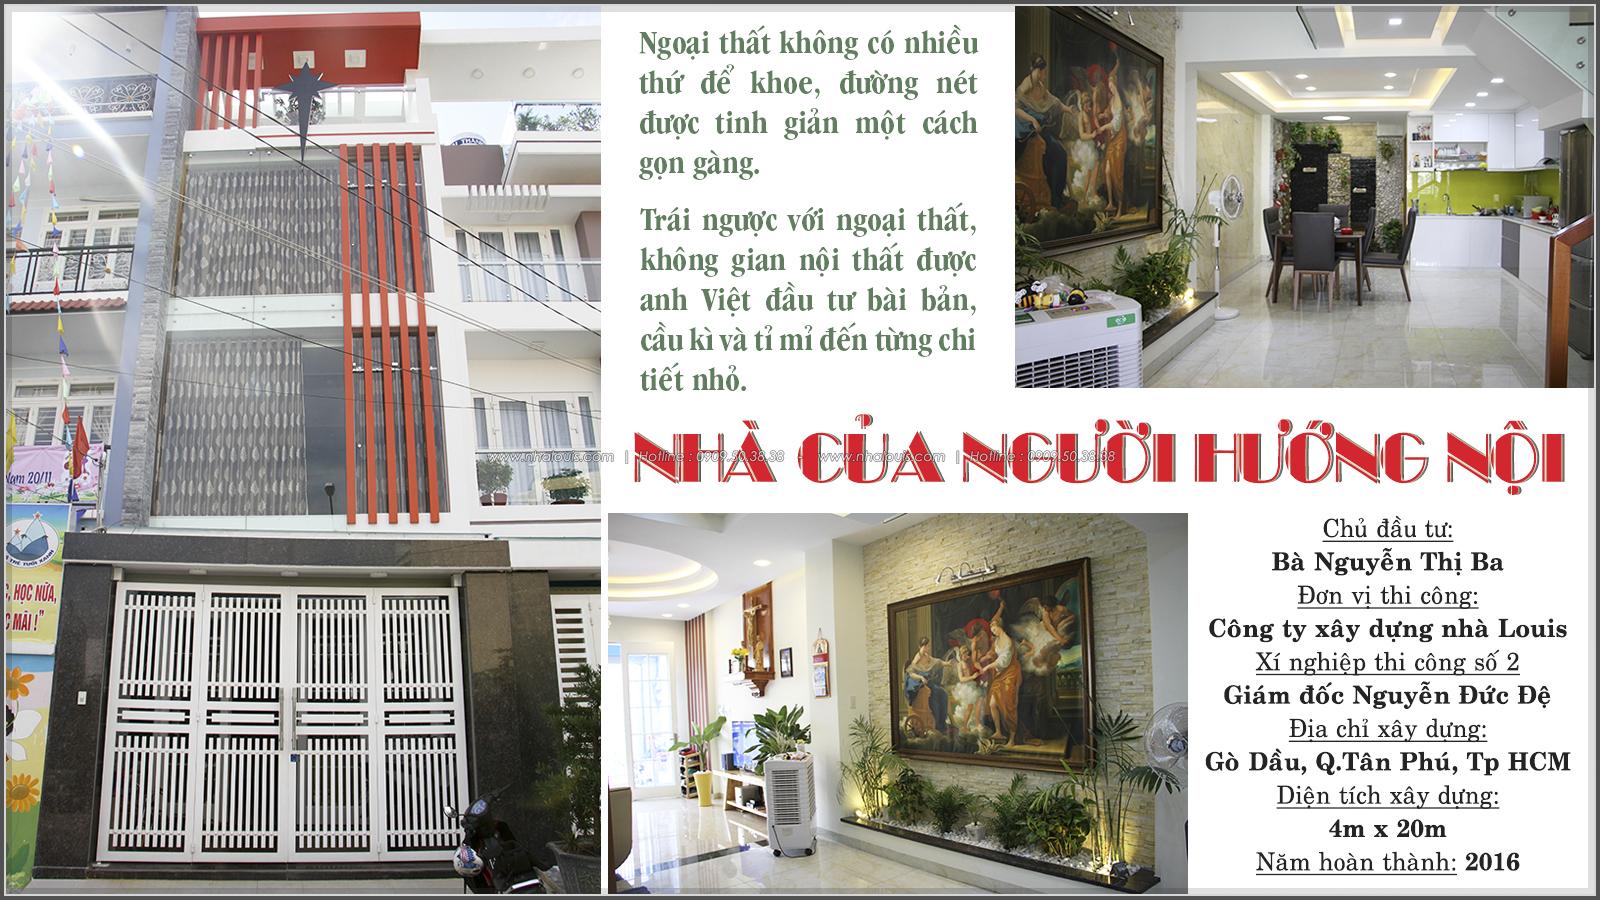 Thi công xây dựng nhà phố 1 trệt 2 lầu phong cách hiện đại ở Tân Phú - 01